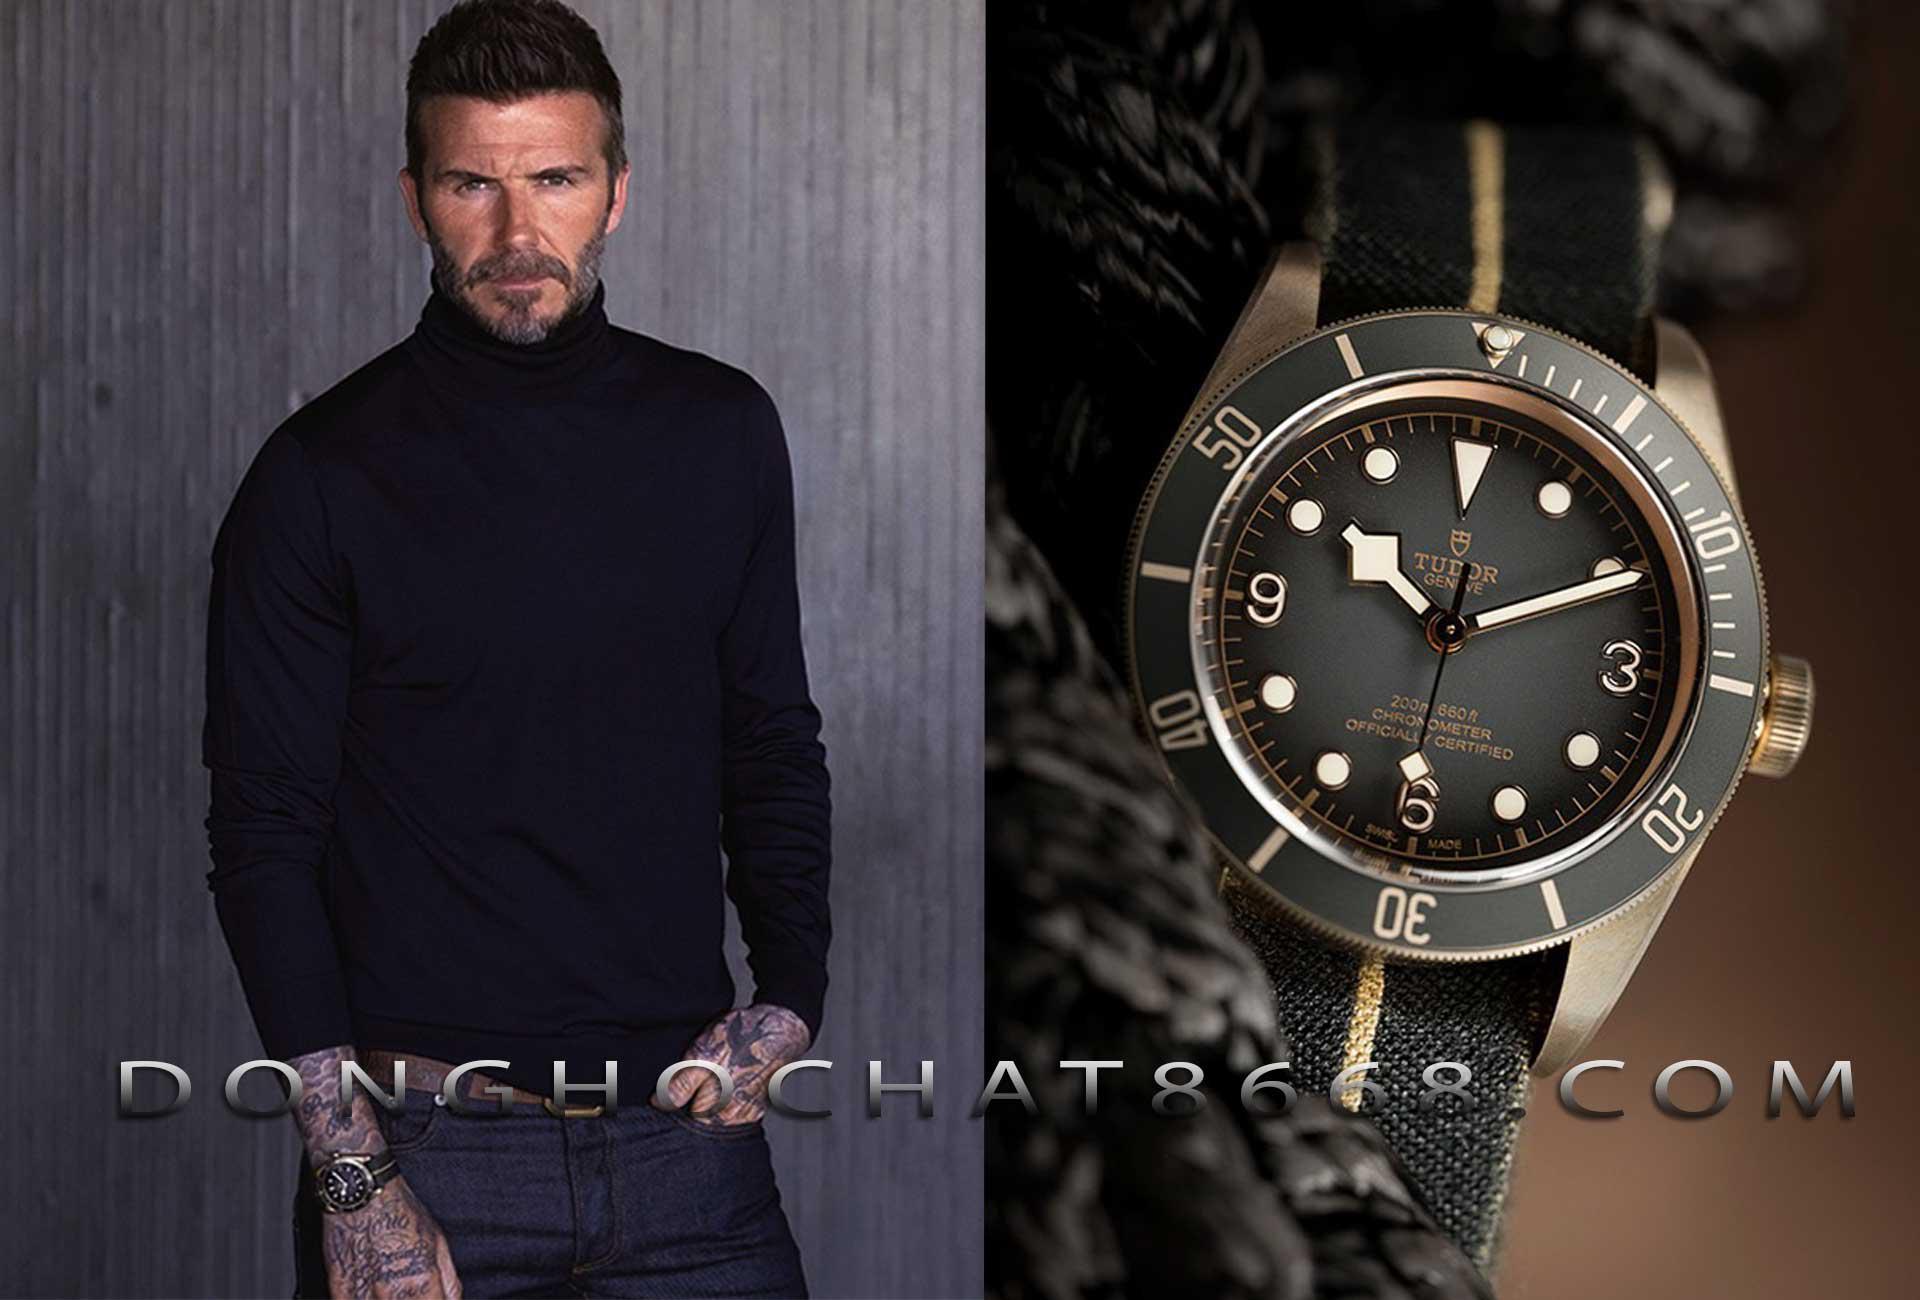 Đồng hồ Tudor Fake máy Thụy Sĩ giá rẻ